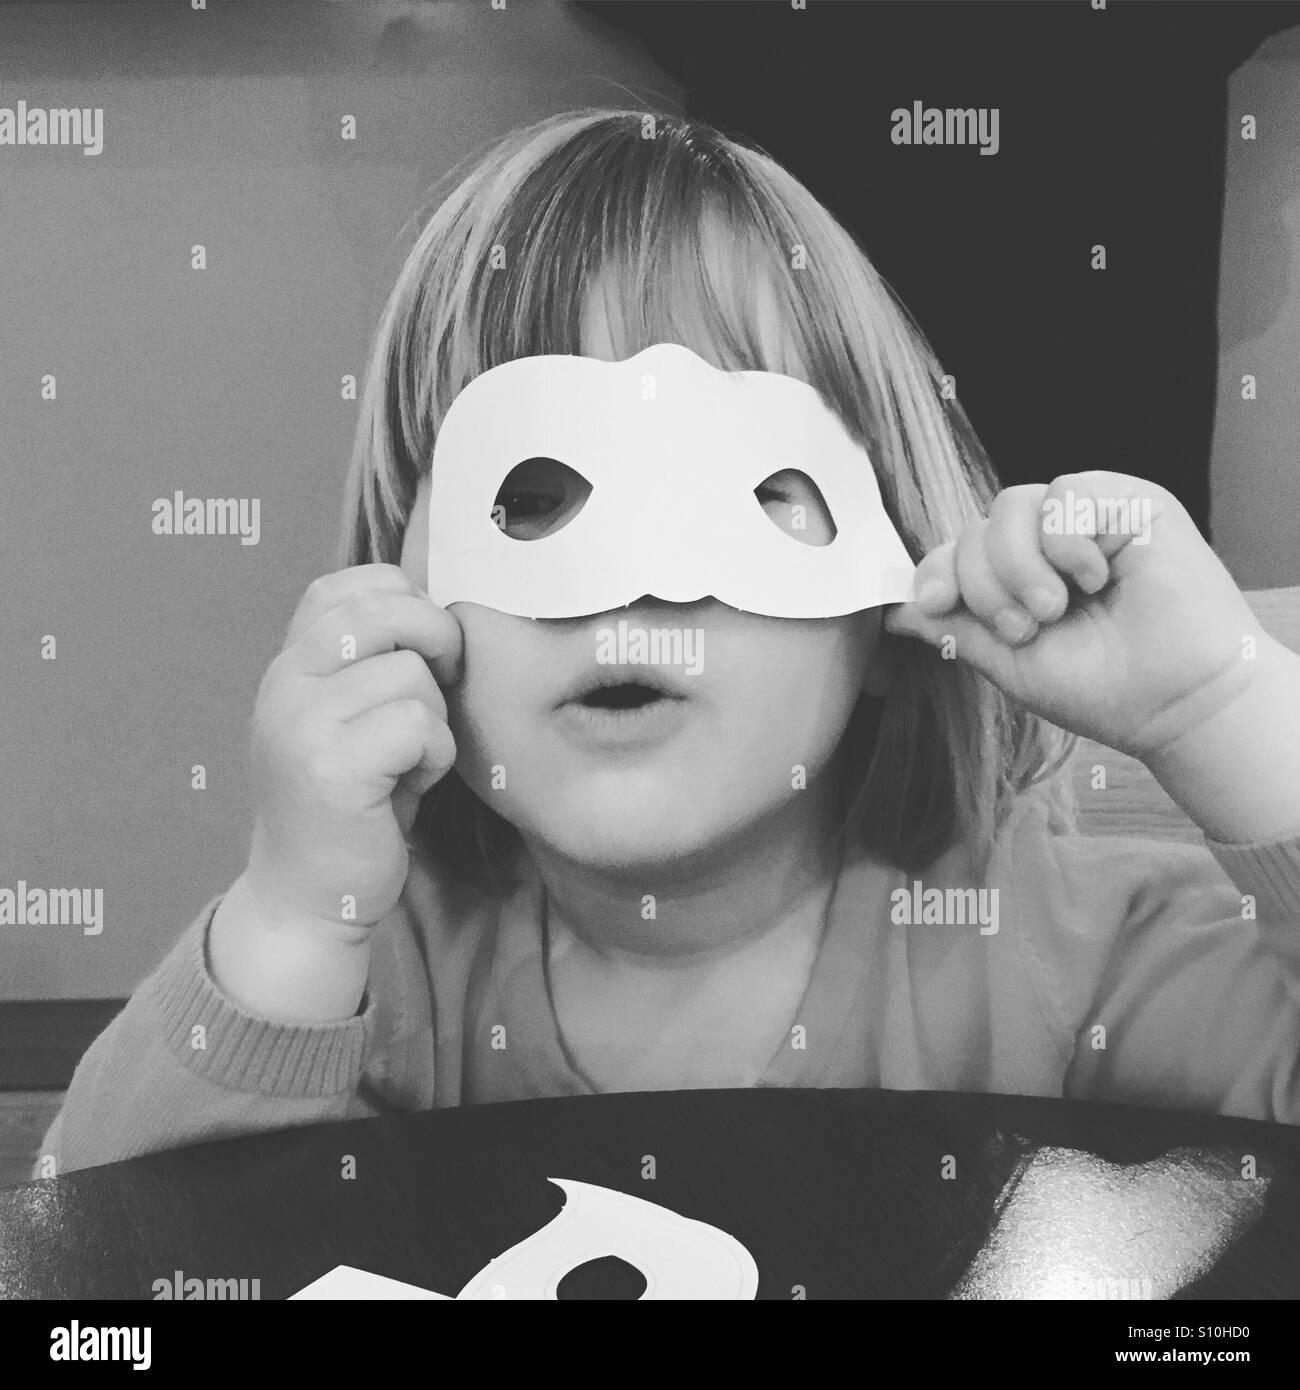 Tout-petit avec masque Photo Stock